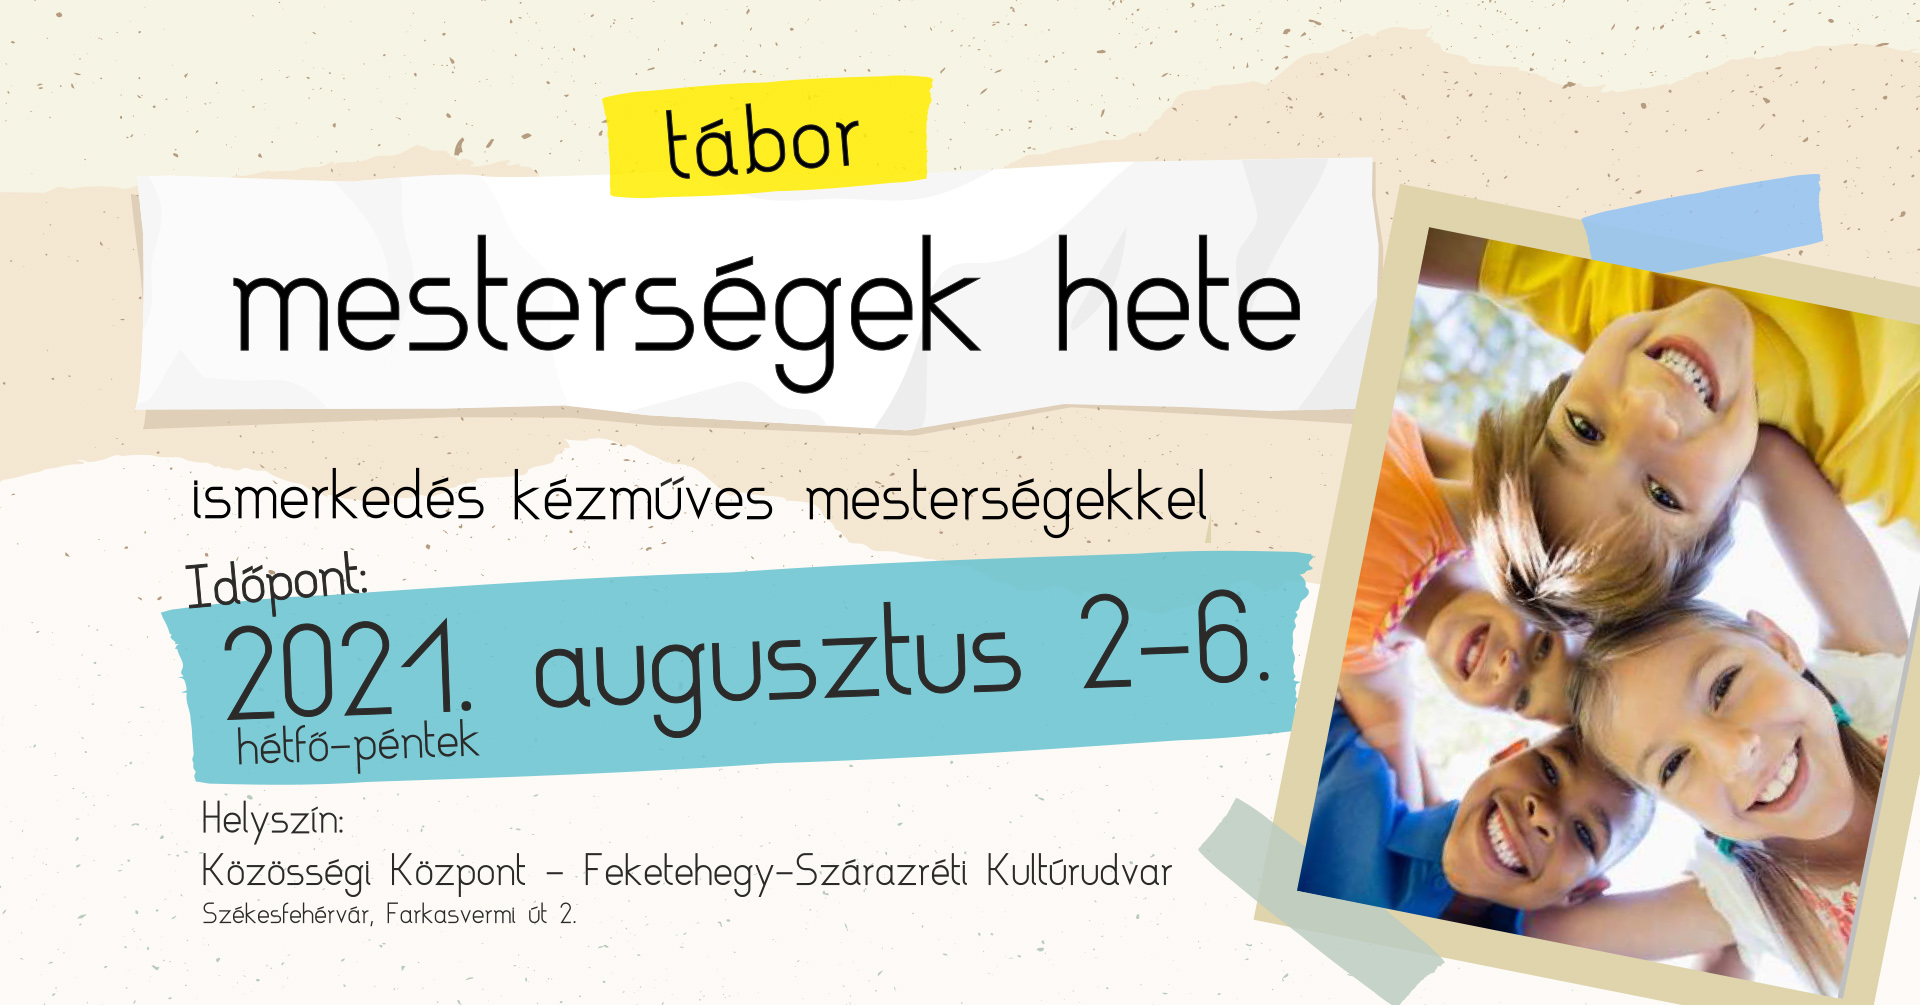 Mesterségek hete tábor @ Szárazréti és Feketehegyi Közösségi Ház és Szabadtéri Színpad